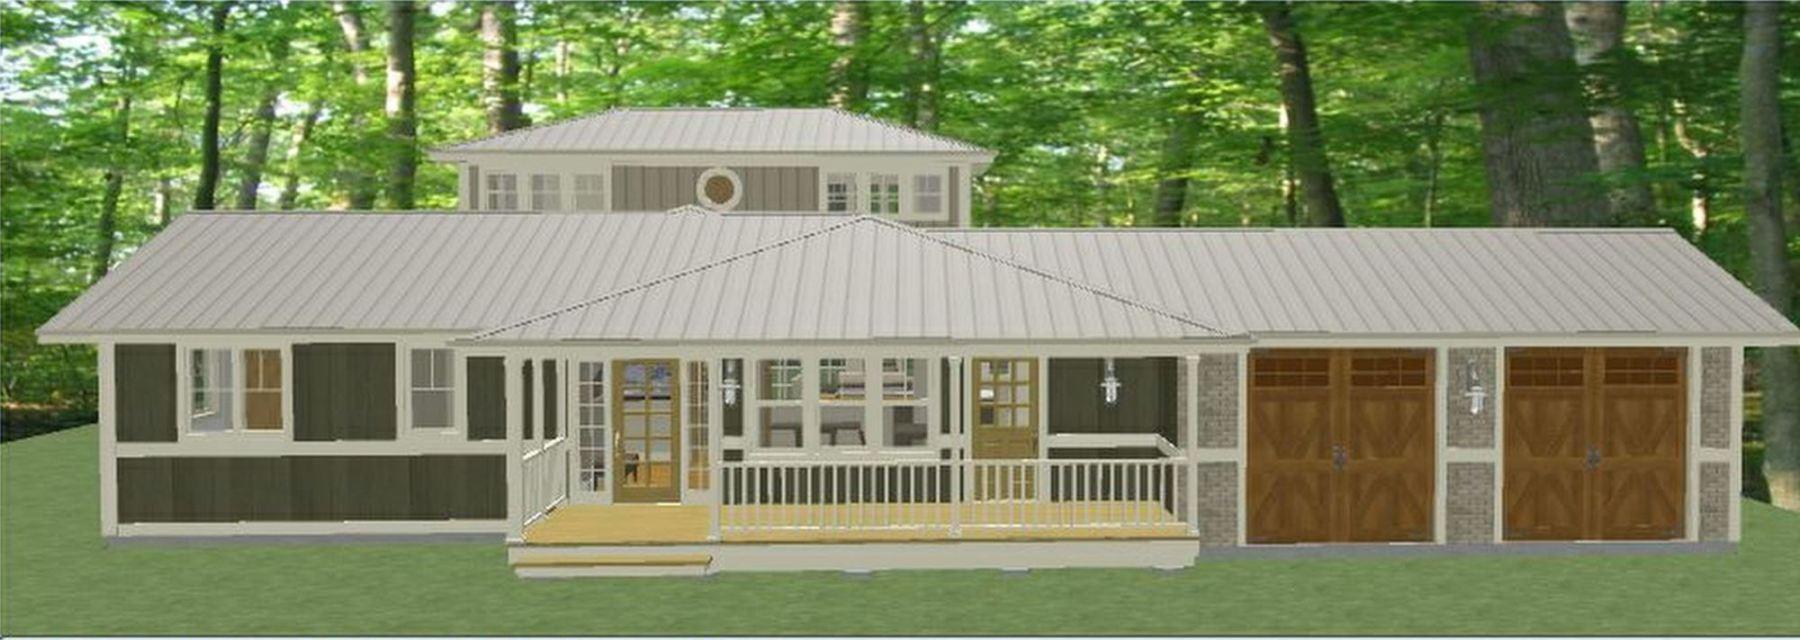 Lake Michigan Home Render- Option 1